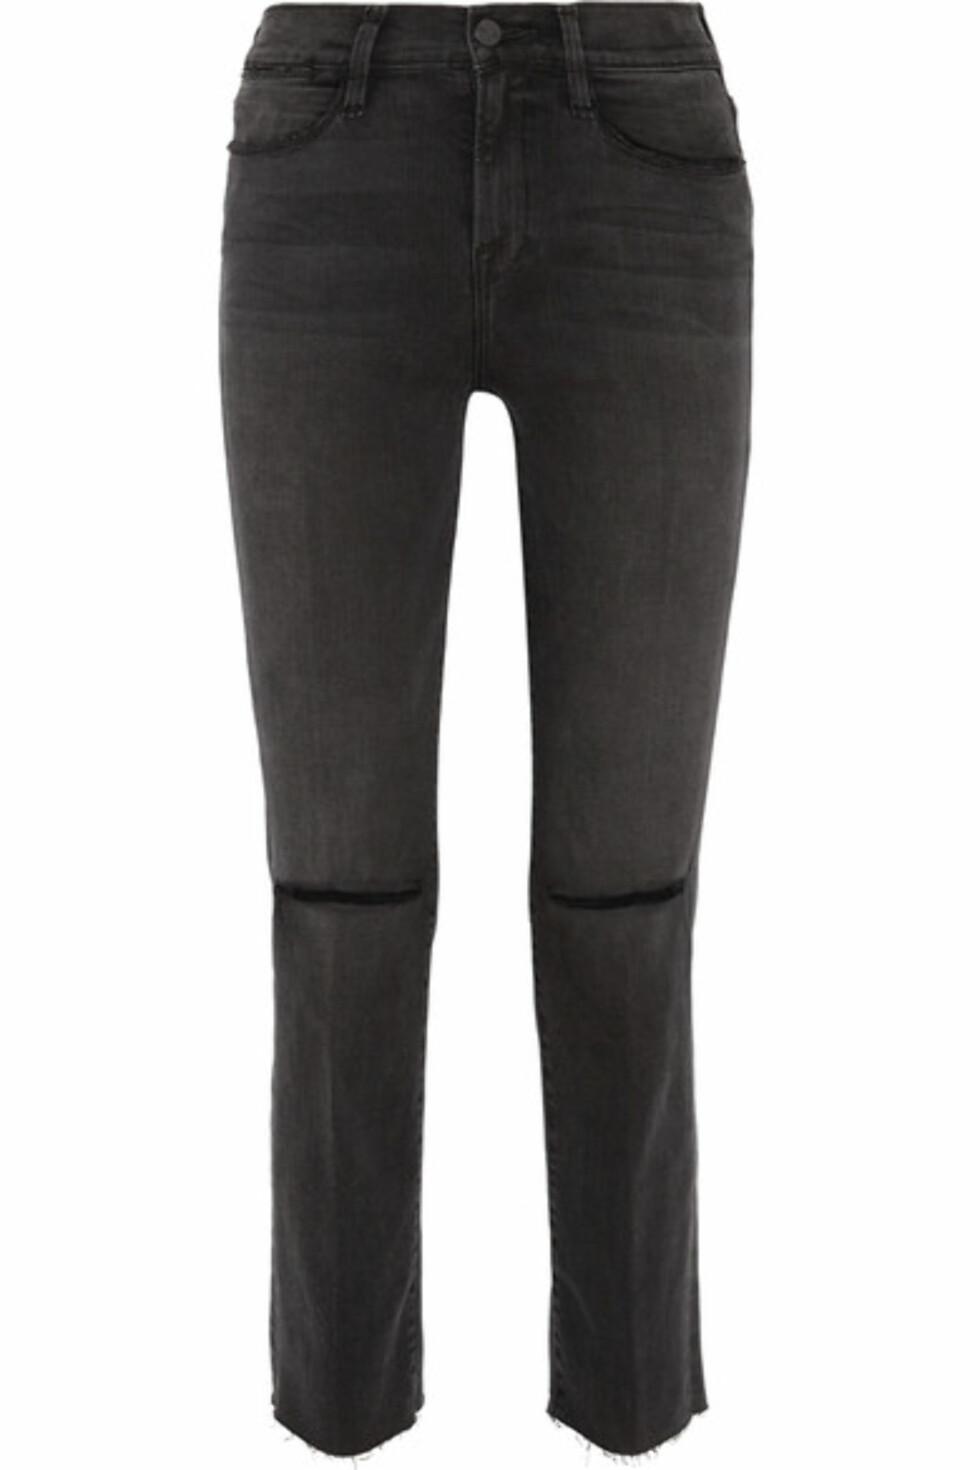 Jeans fra FRAME via Net-a-porter.com | kr 2346 | https://www.net-a-porter.com/no/en/product/850672/frame/le-high-distressed-mid-rise-straight-leg-jeans